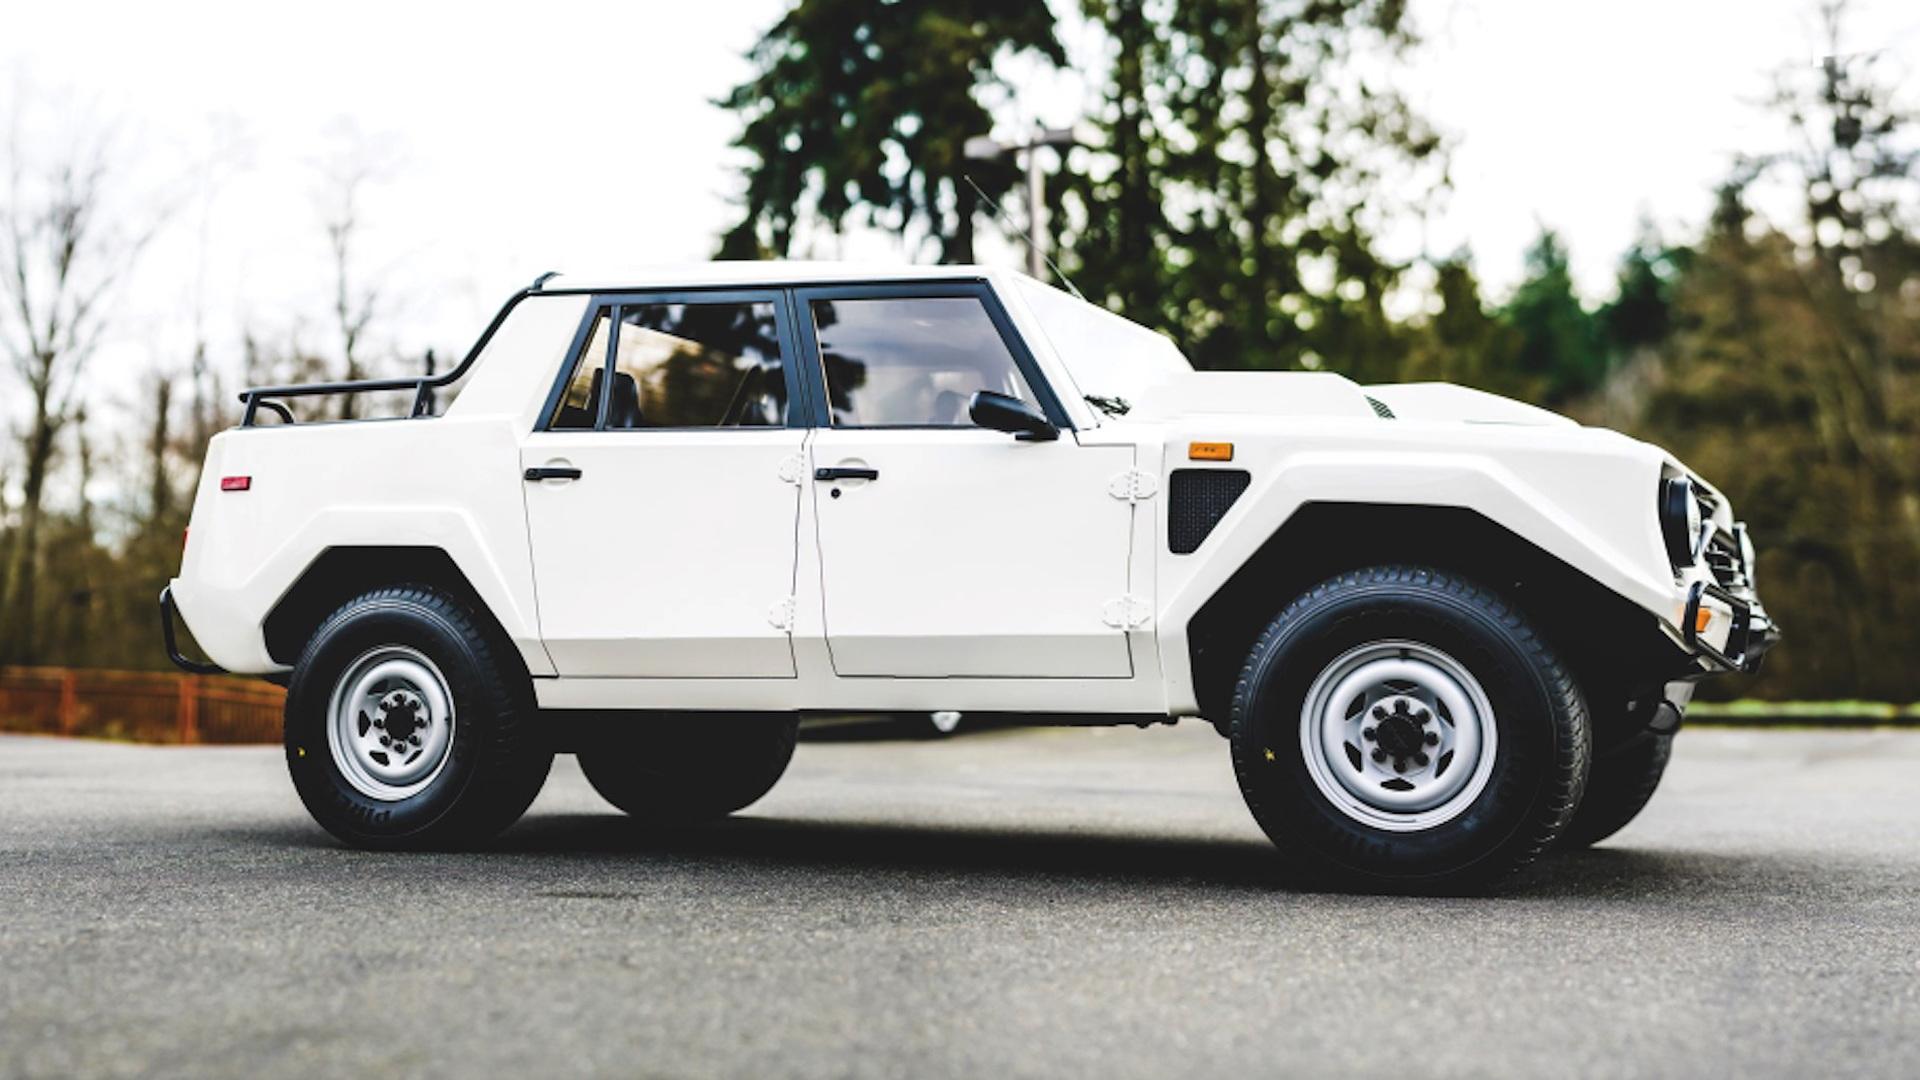 1988 Lamborghini LM002 for sale, via RM Sotheby's